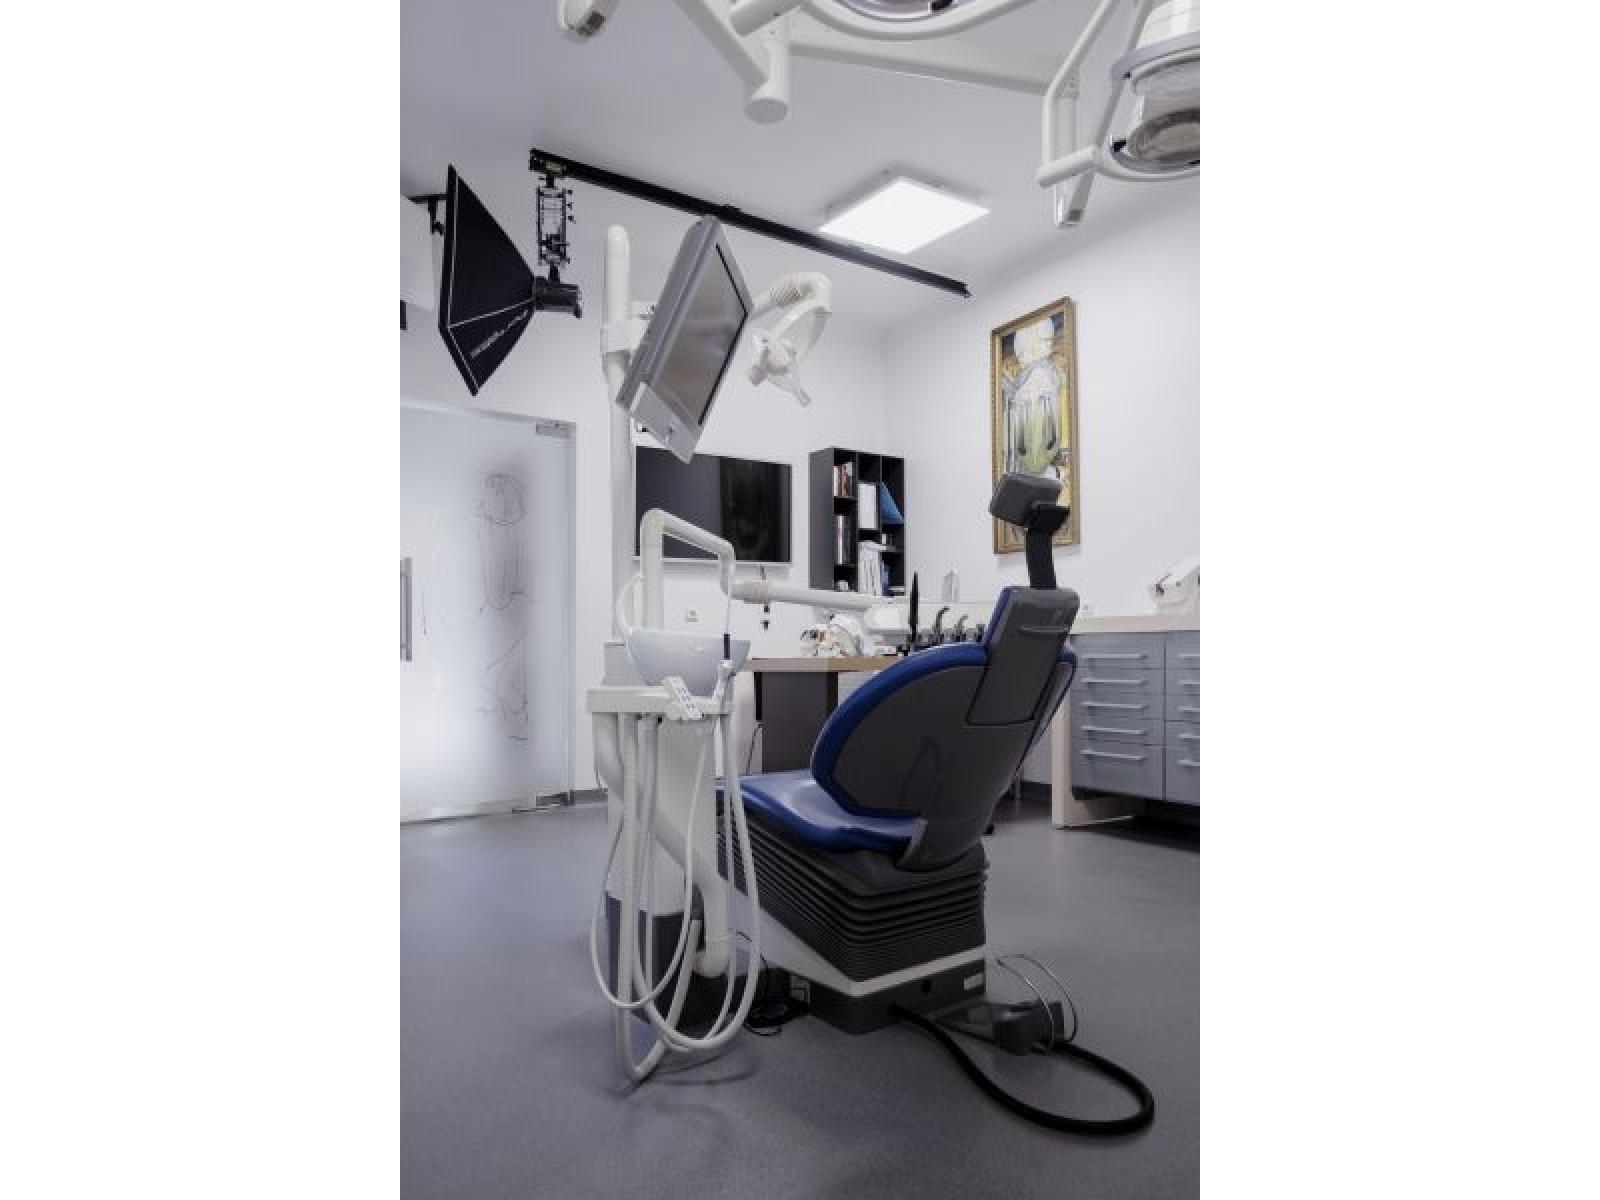 Clinica Dr. Dragus - DSCF7713_A.jpg